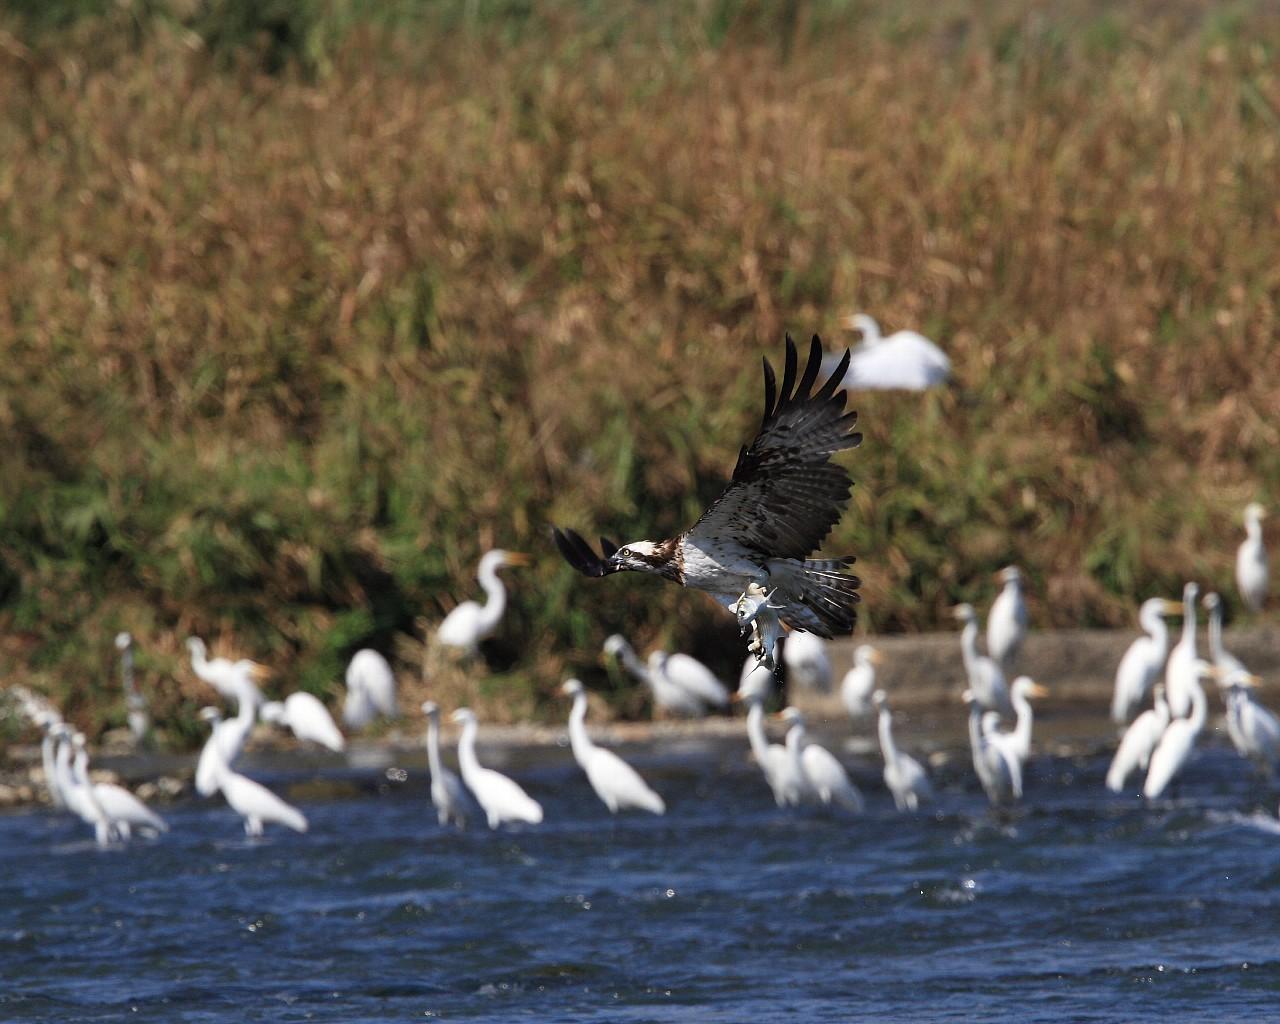 集まったギャラリーの前を獲物を持って飛ぶミサゴ_f0105570_2136574.jpg